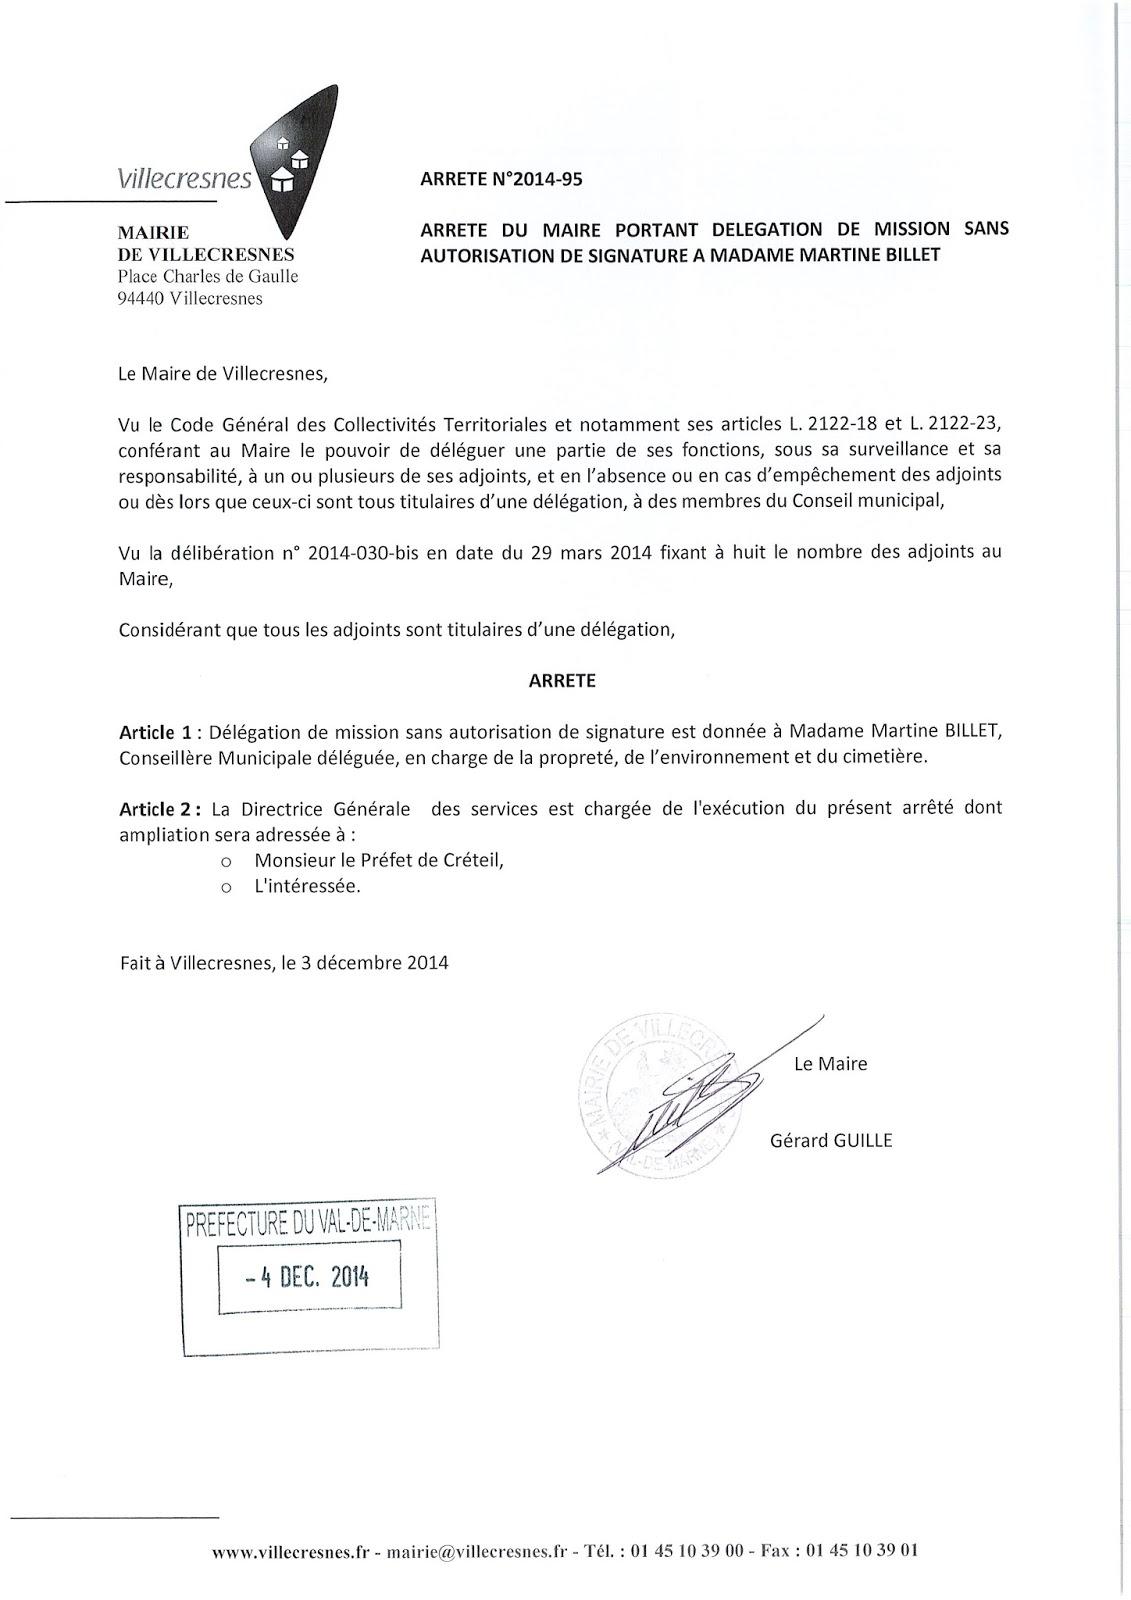 2014-095 Délégation de fonction mission sans autorisation de signature à Madame Martine Billet